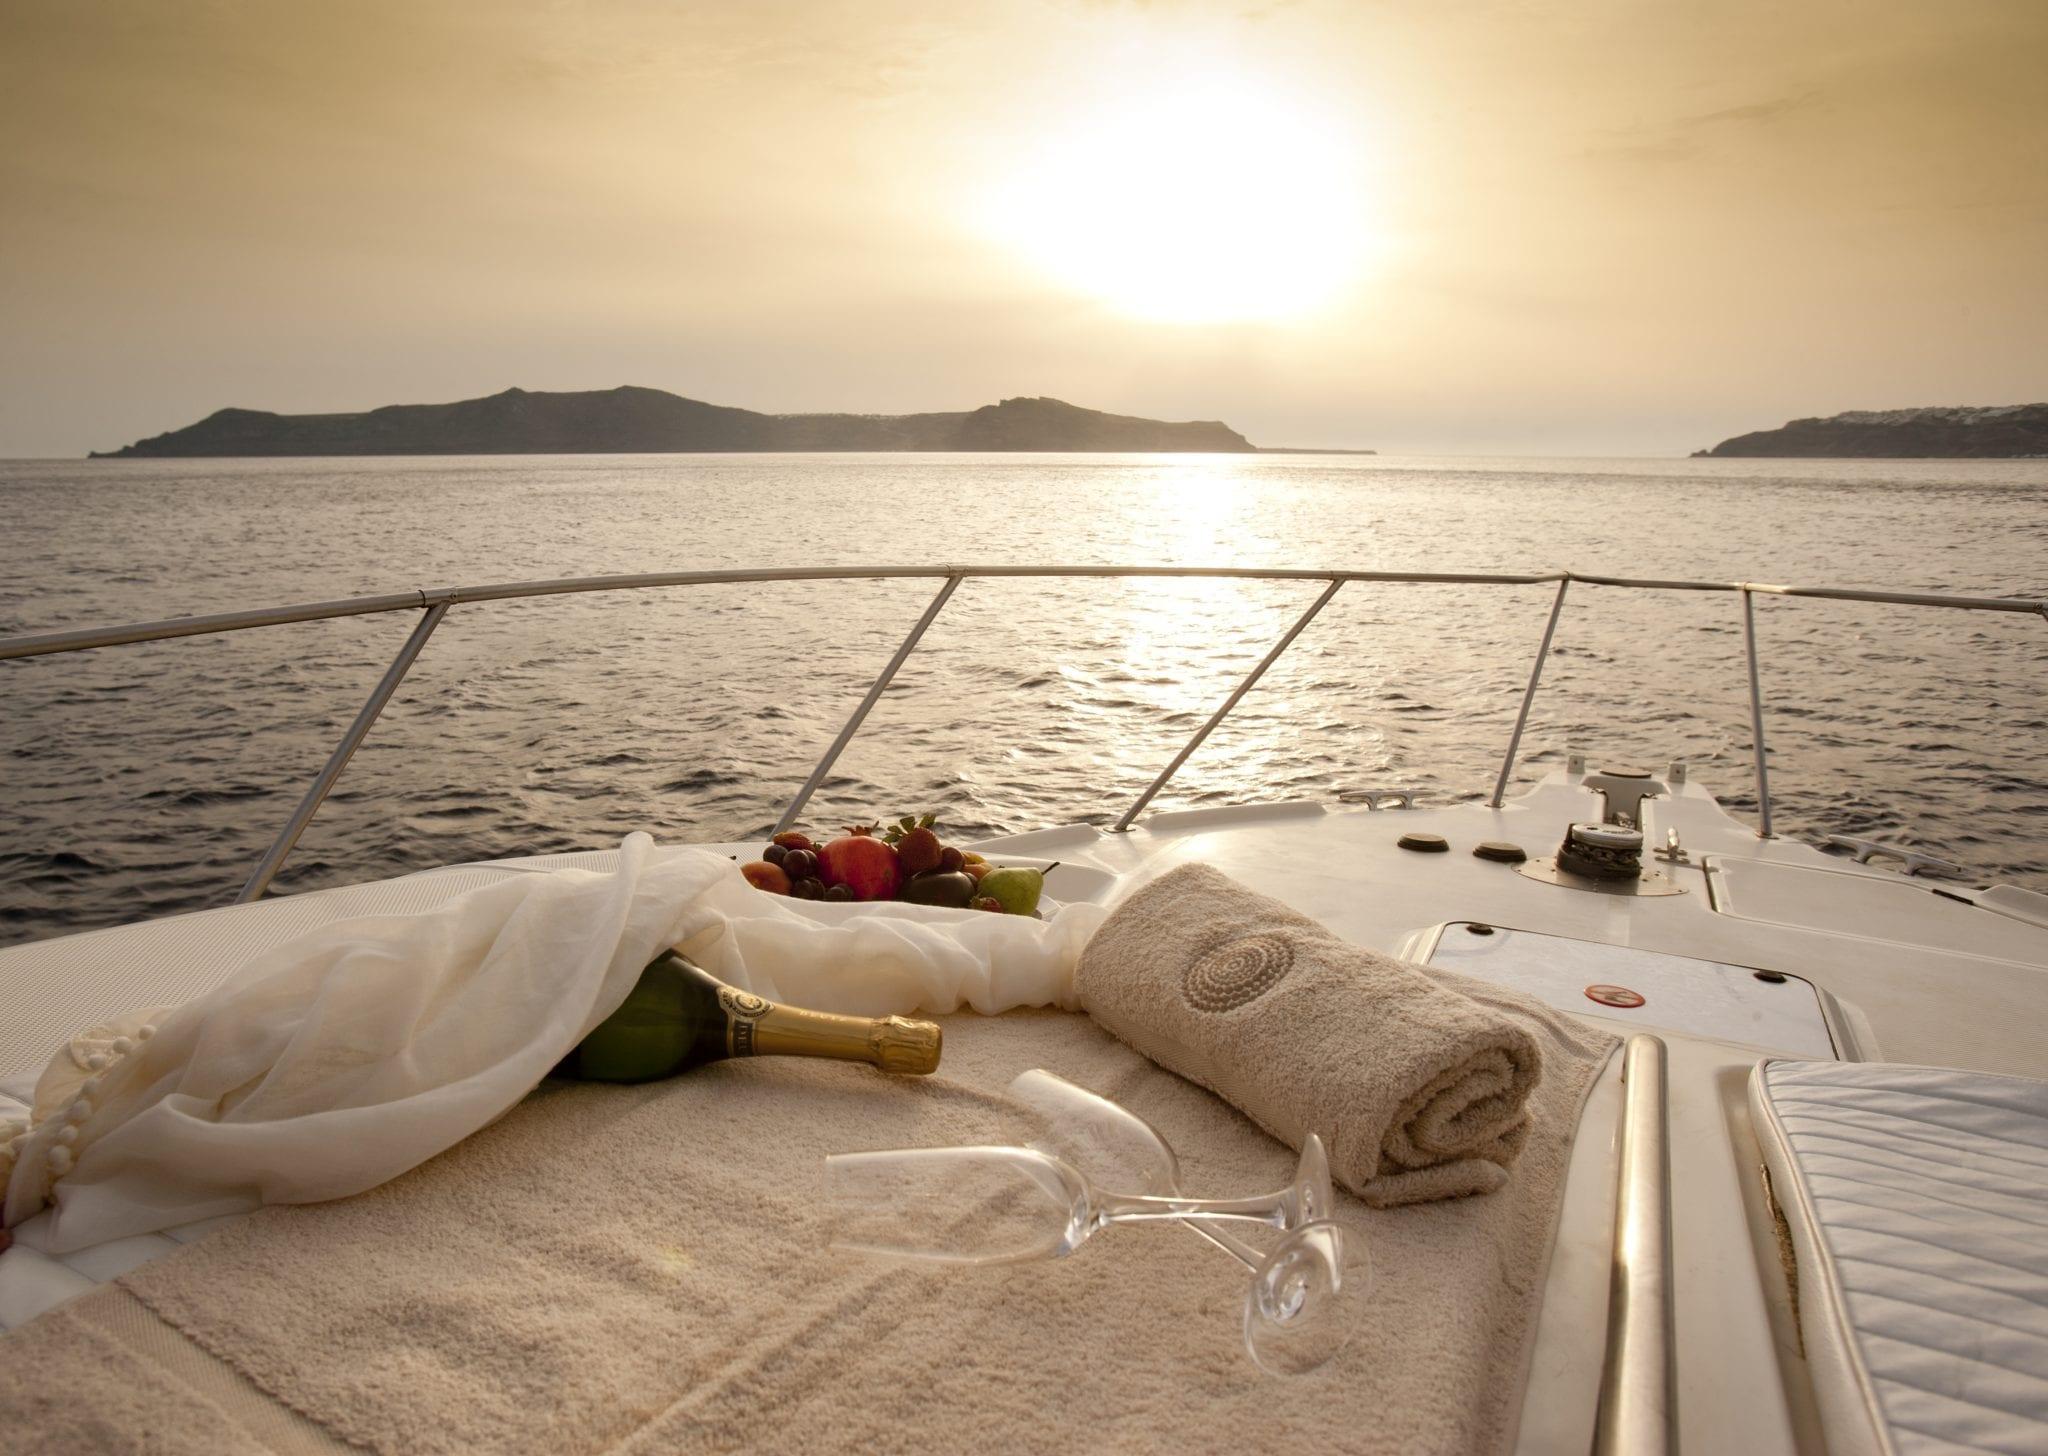 Yacht To Island Near By